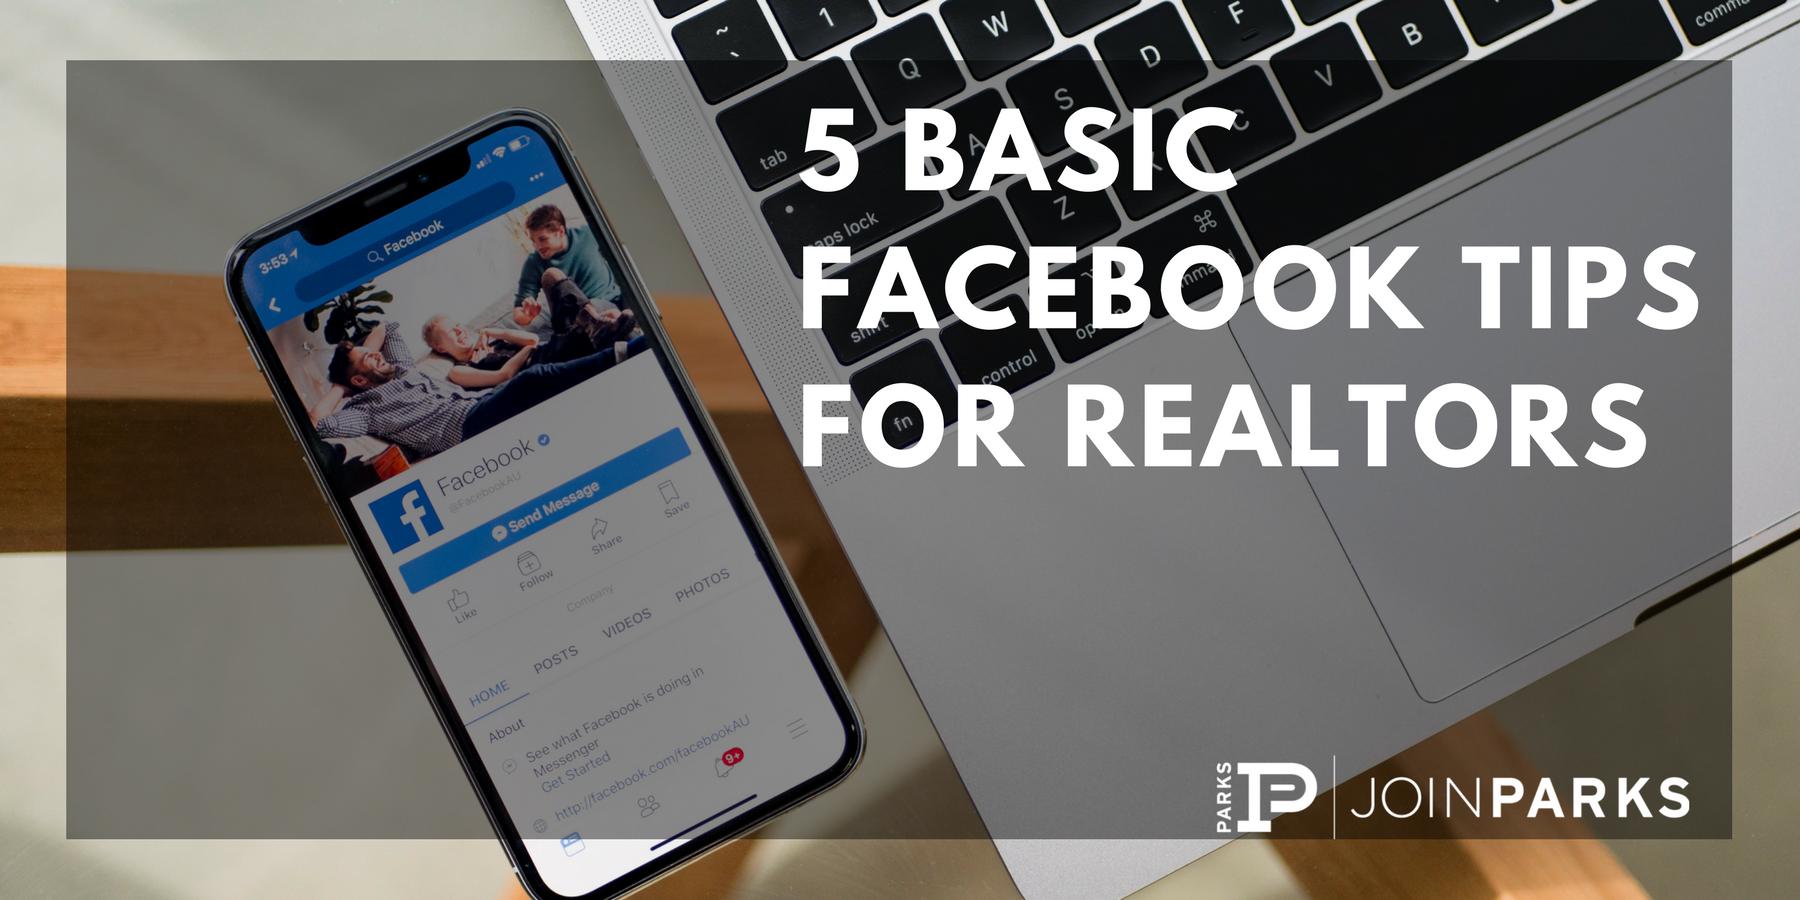 5 Basic Facebook Tips for Realtors.png